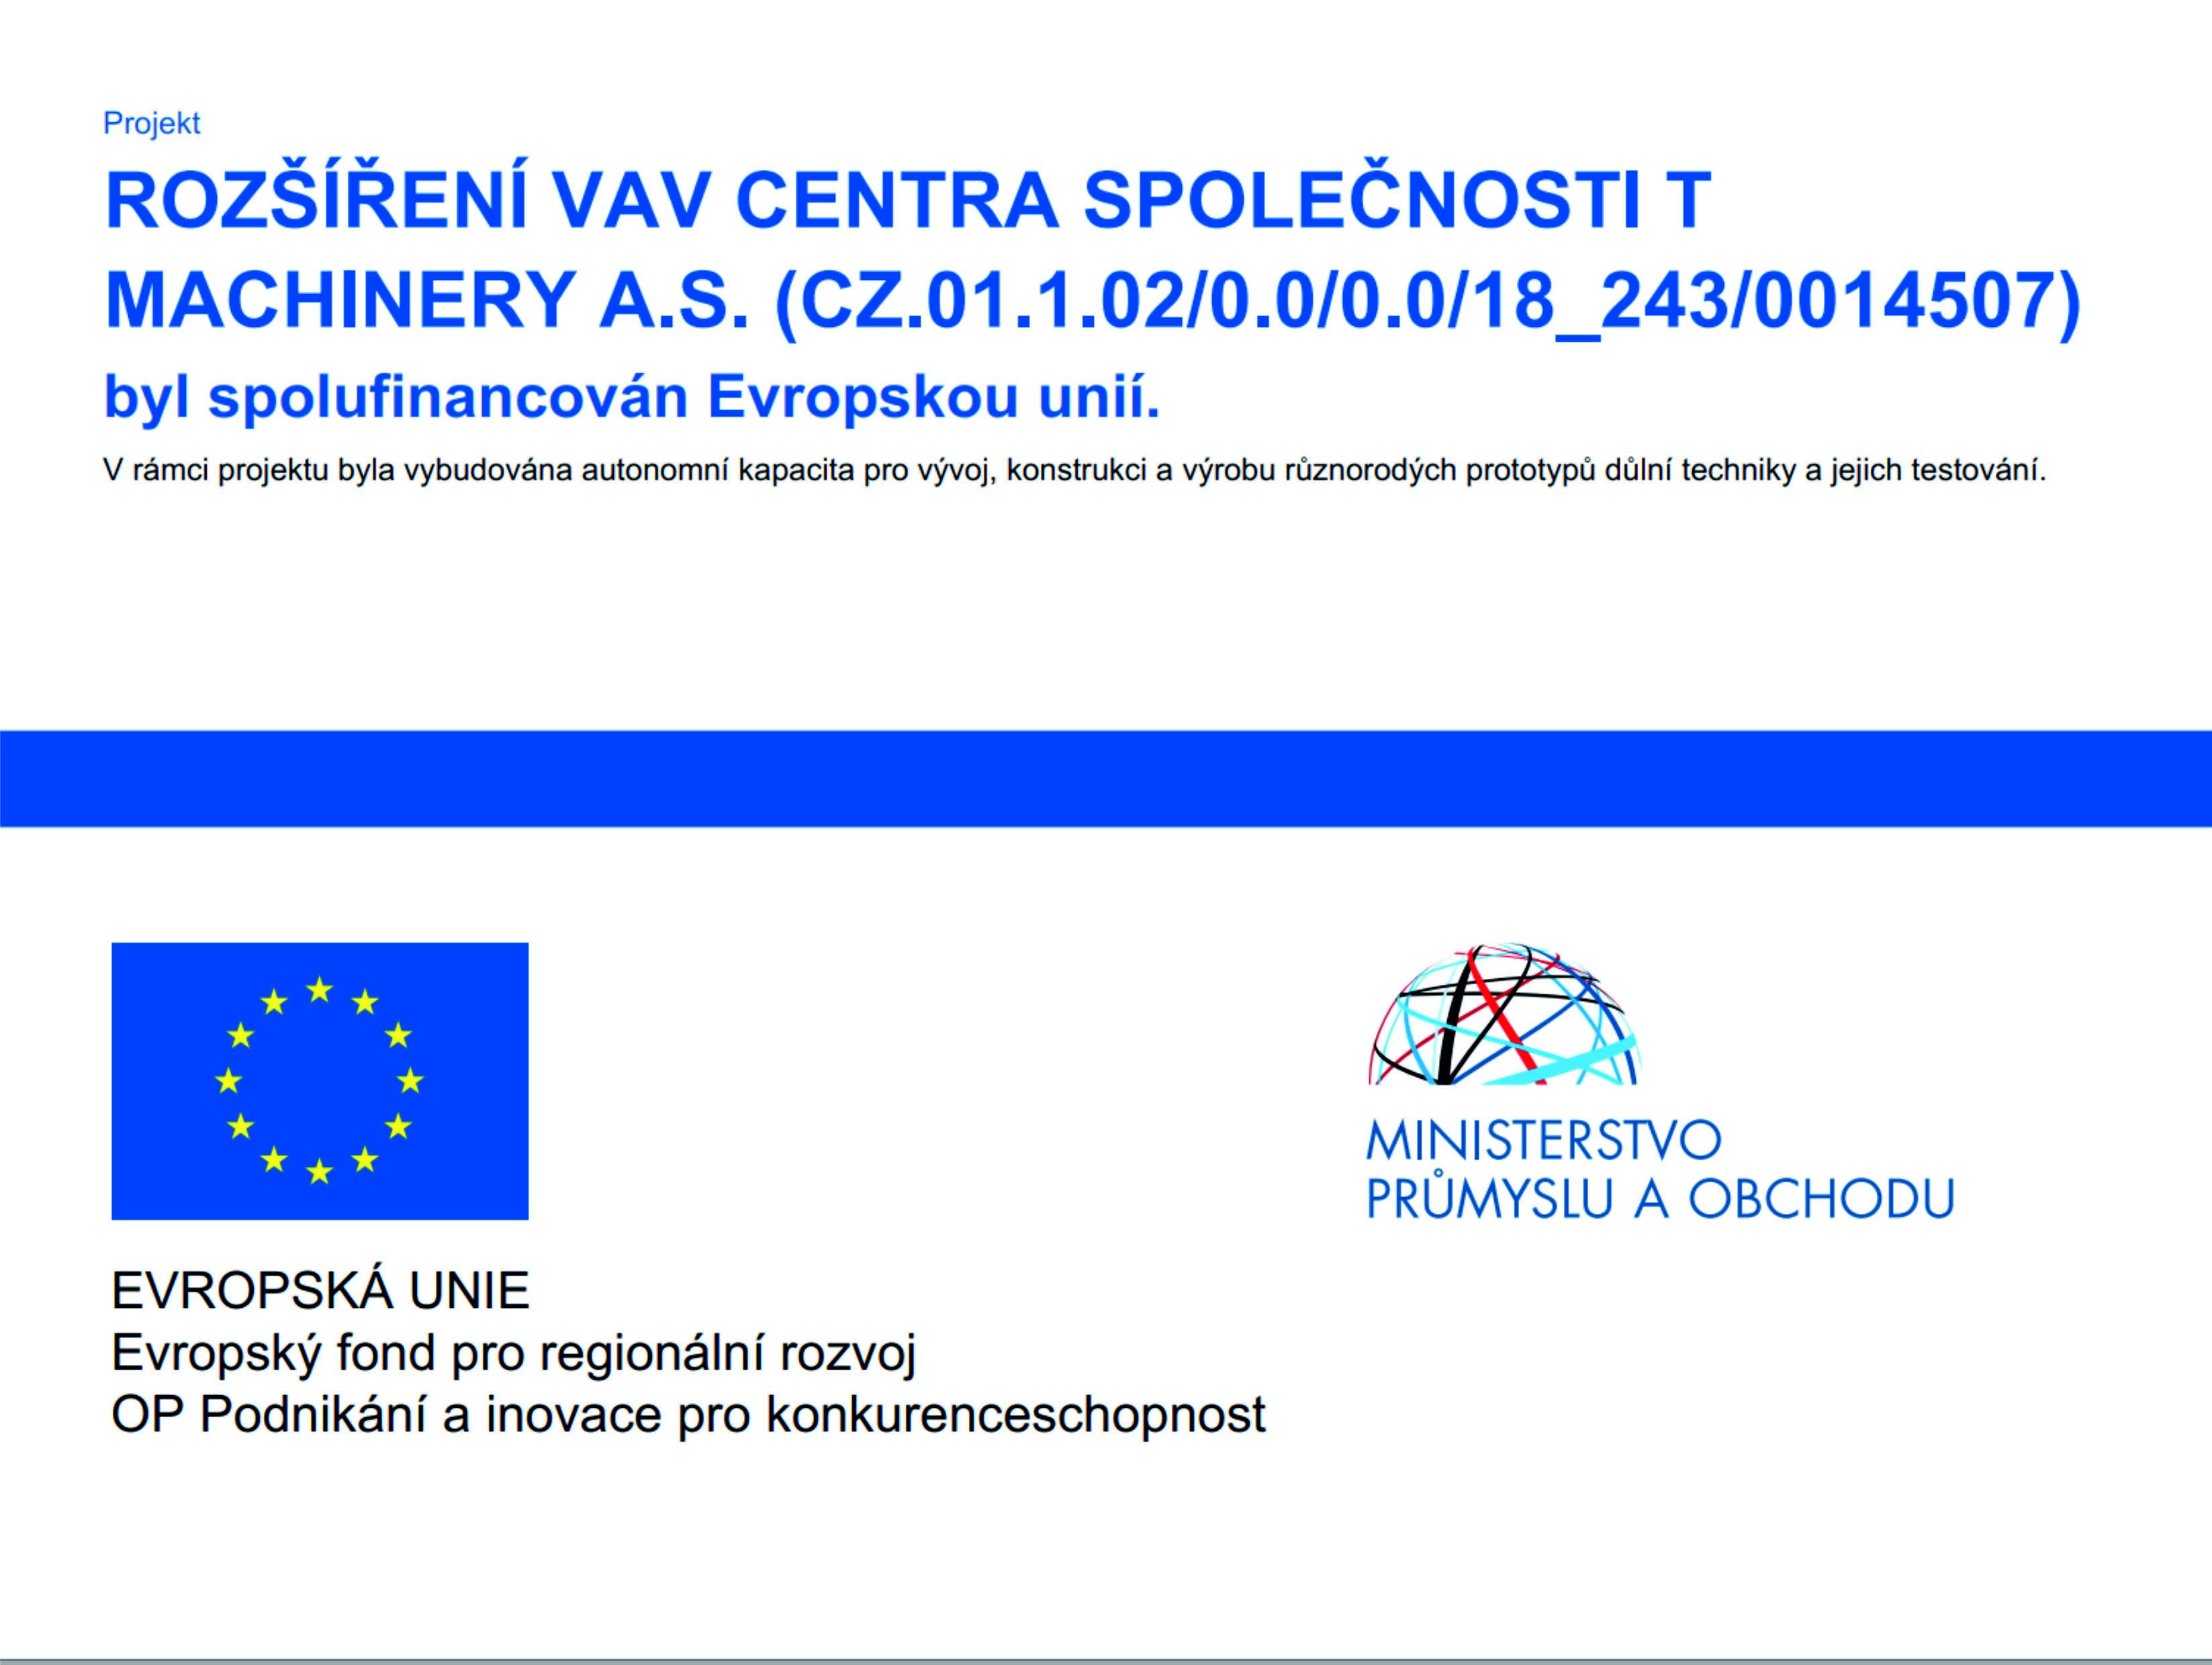 Projekt ROZŠÍŘENÍ VAV CENTRA SPOLEČNOSTI T MACHINERY A.S. byl spolufinancován Evropskou unií